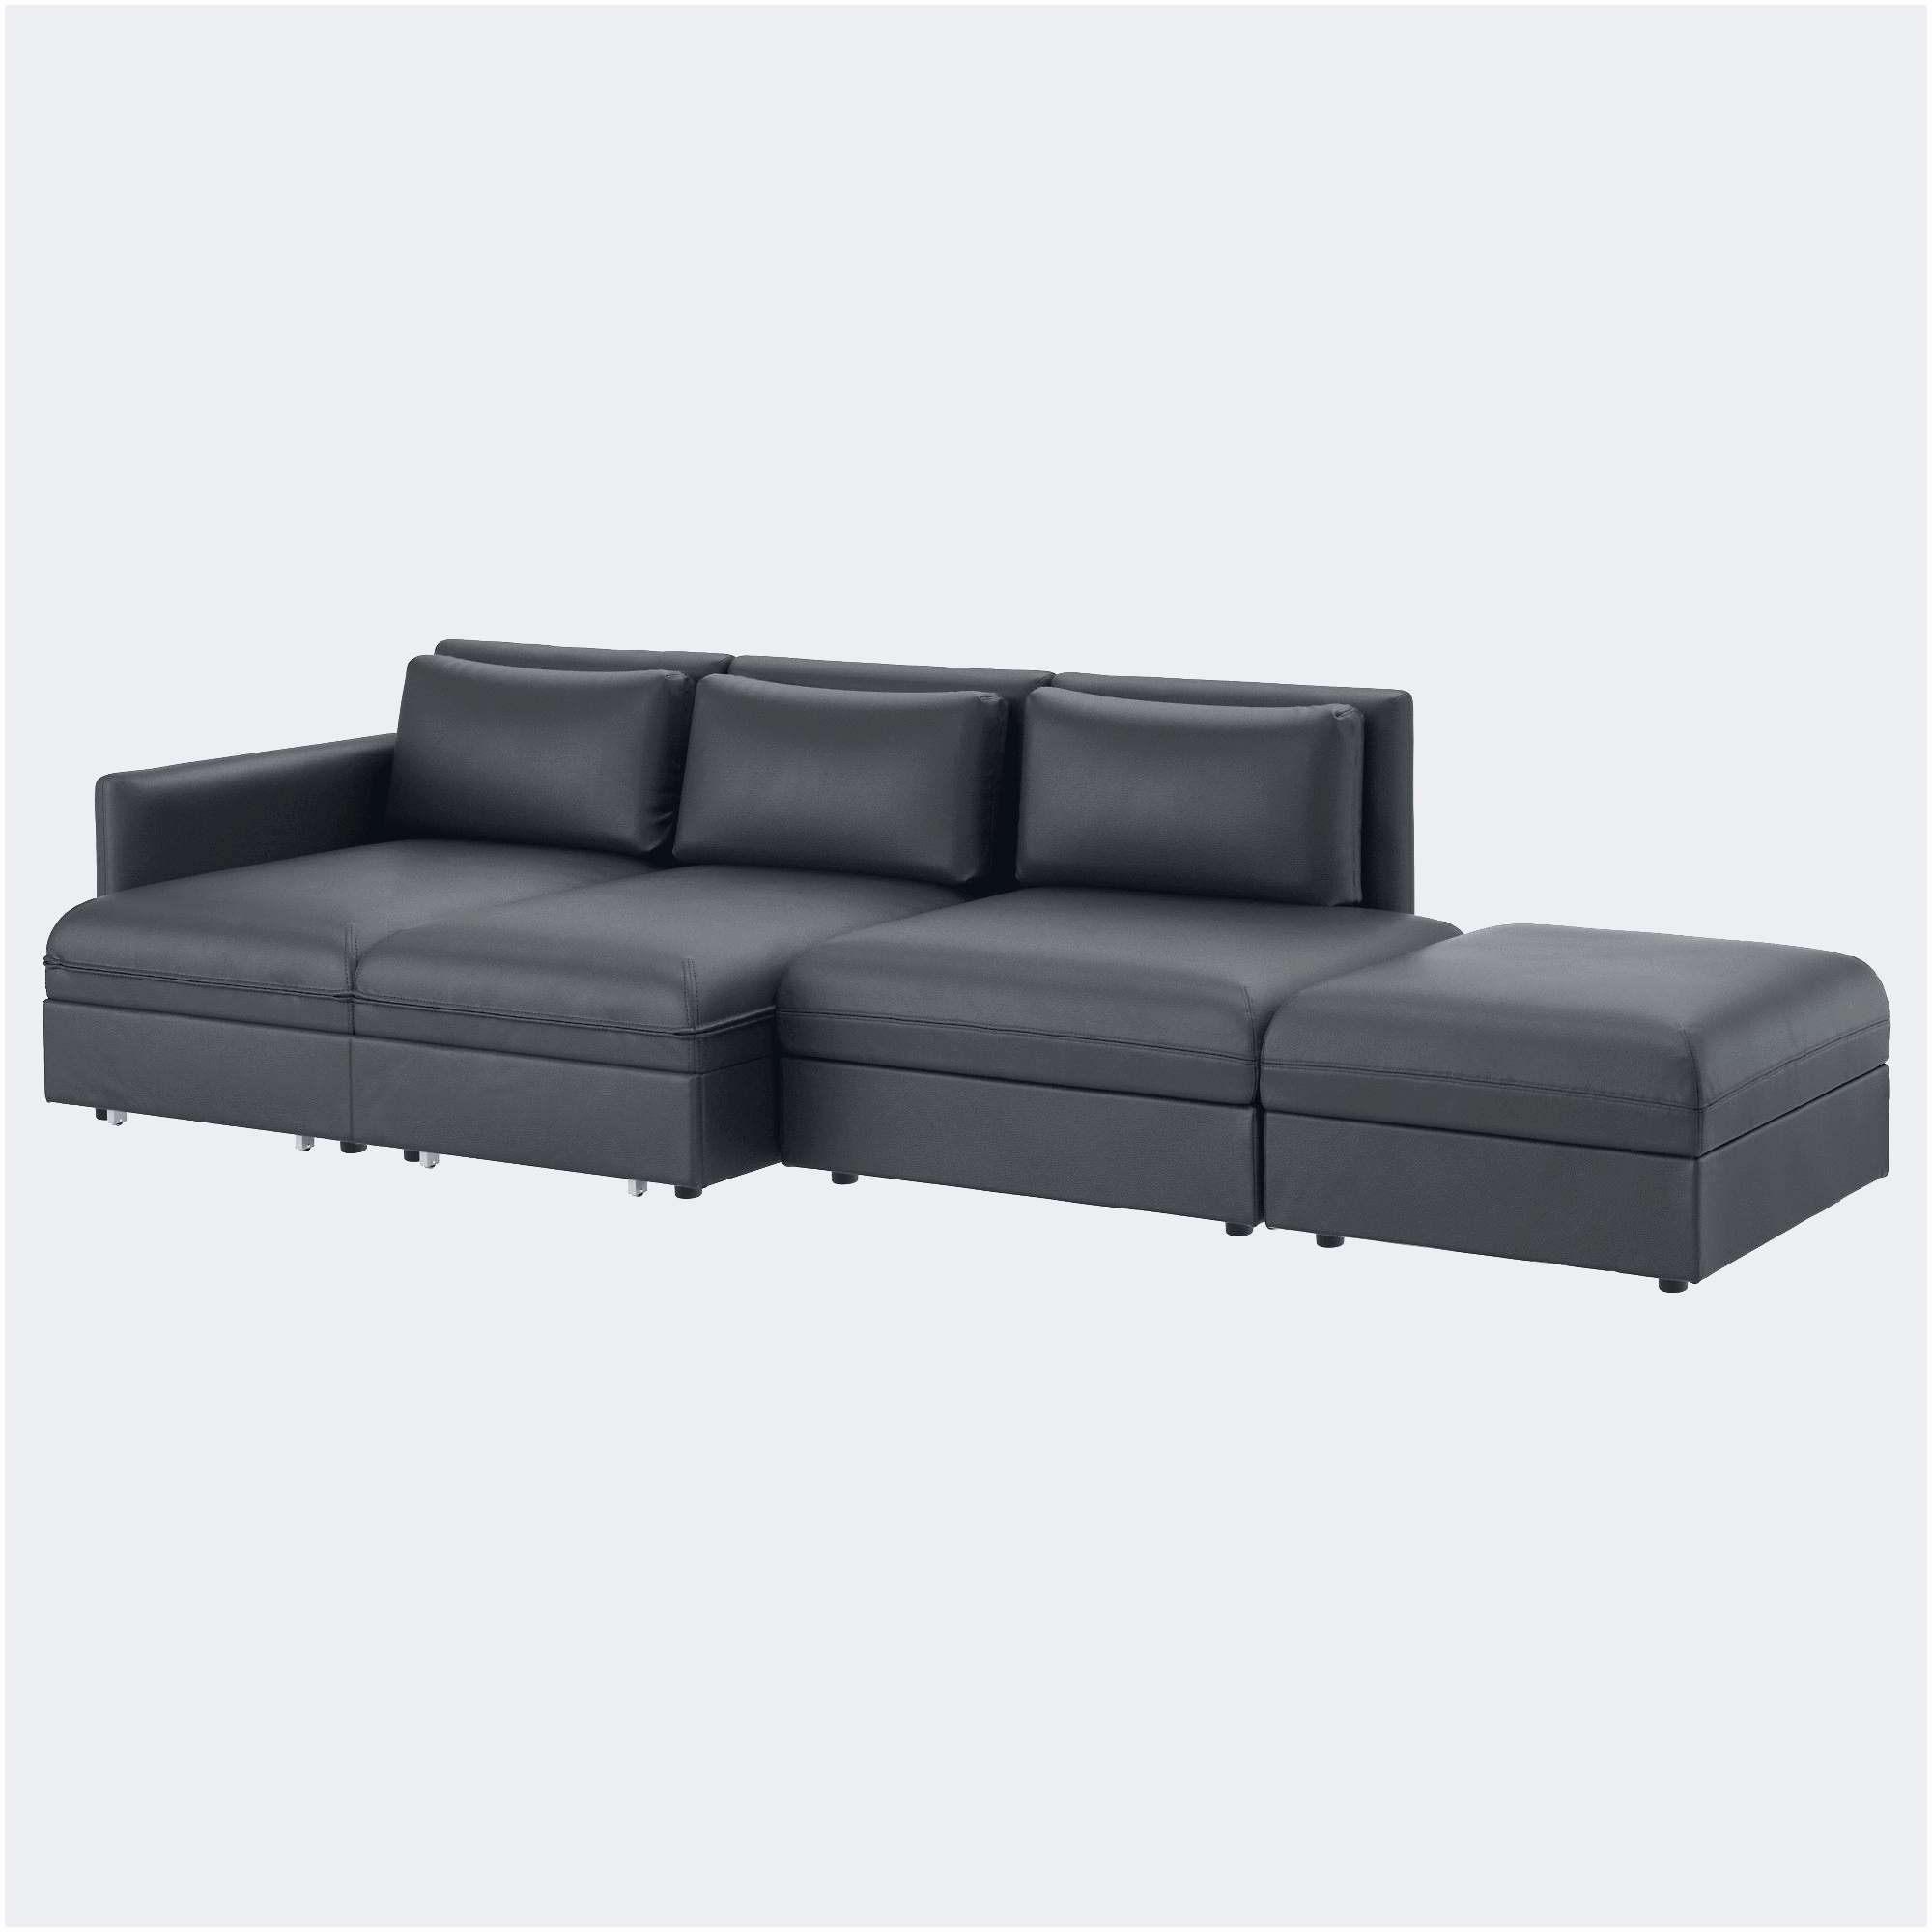 Meilleur Canapé Lit De Luxe 60 Canapé Lit Gigogne Ikea Vue Jongor4hire